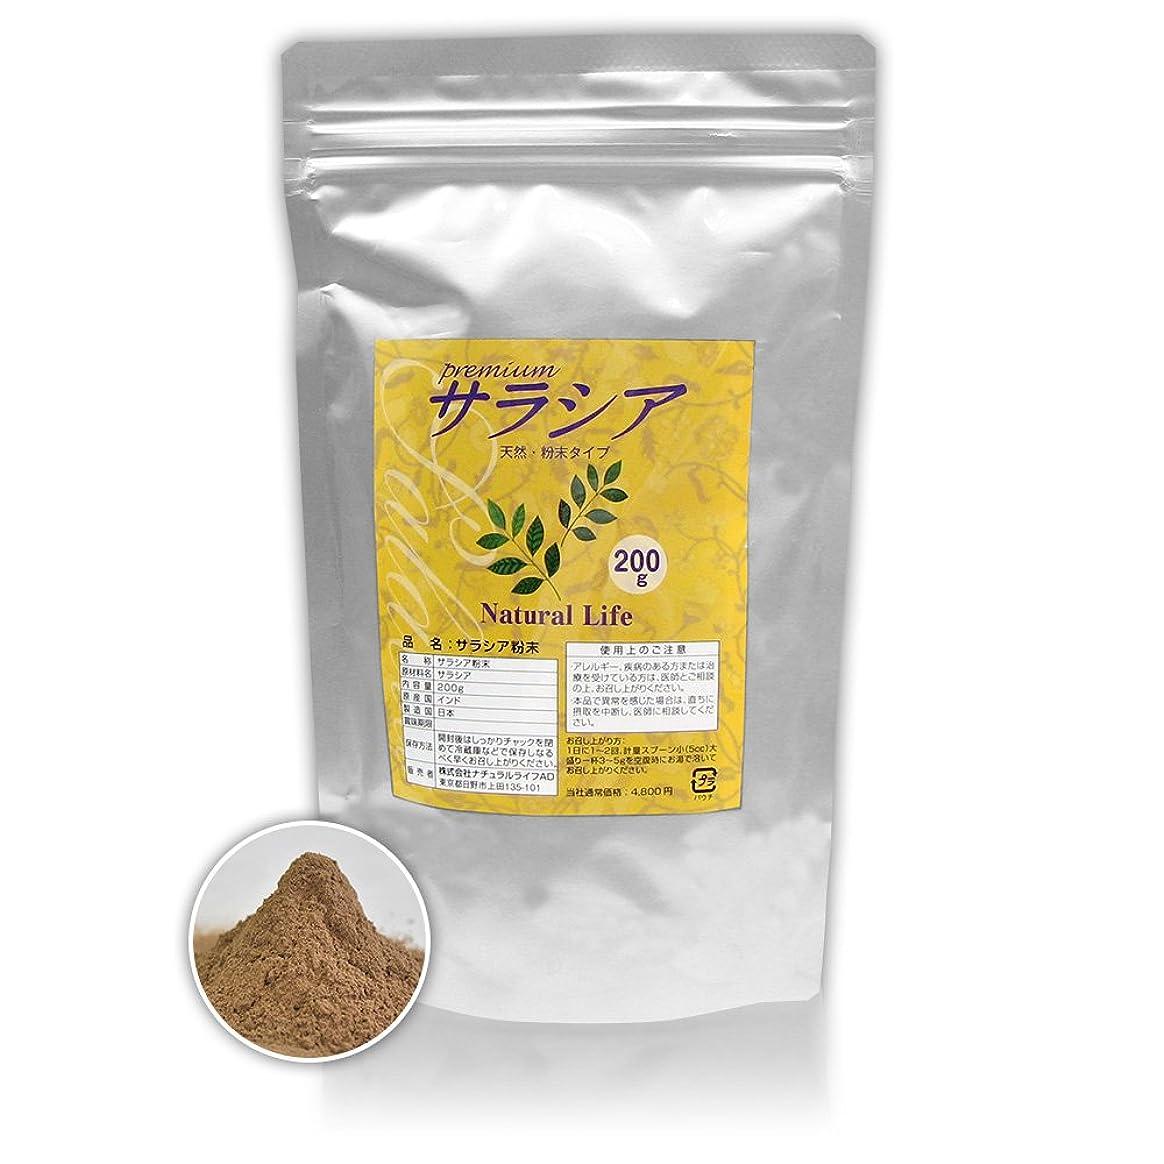 ライセンスキャップキノコサラシア粉末[200g]天然ピュア原料(無添加)健康食品(さらしあ,レティキュラータ)